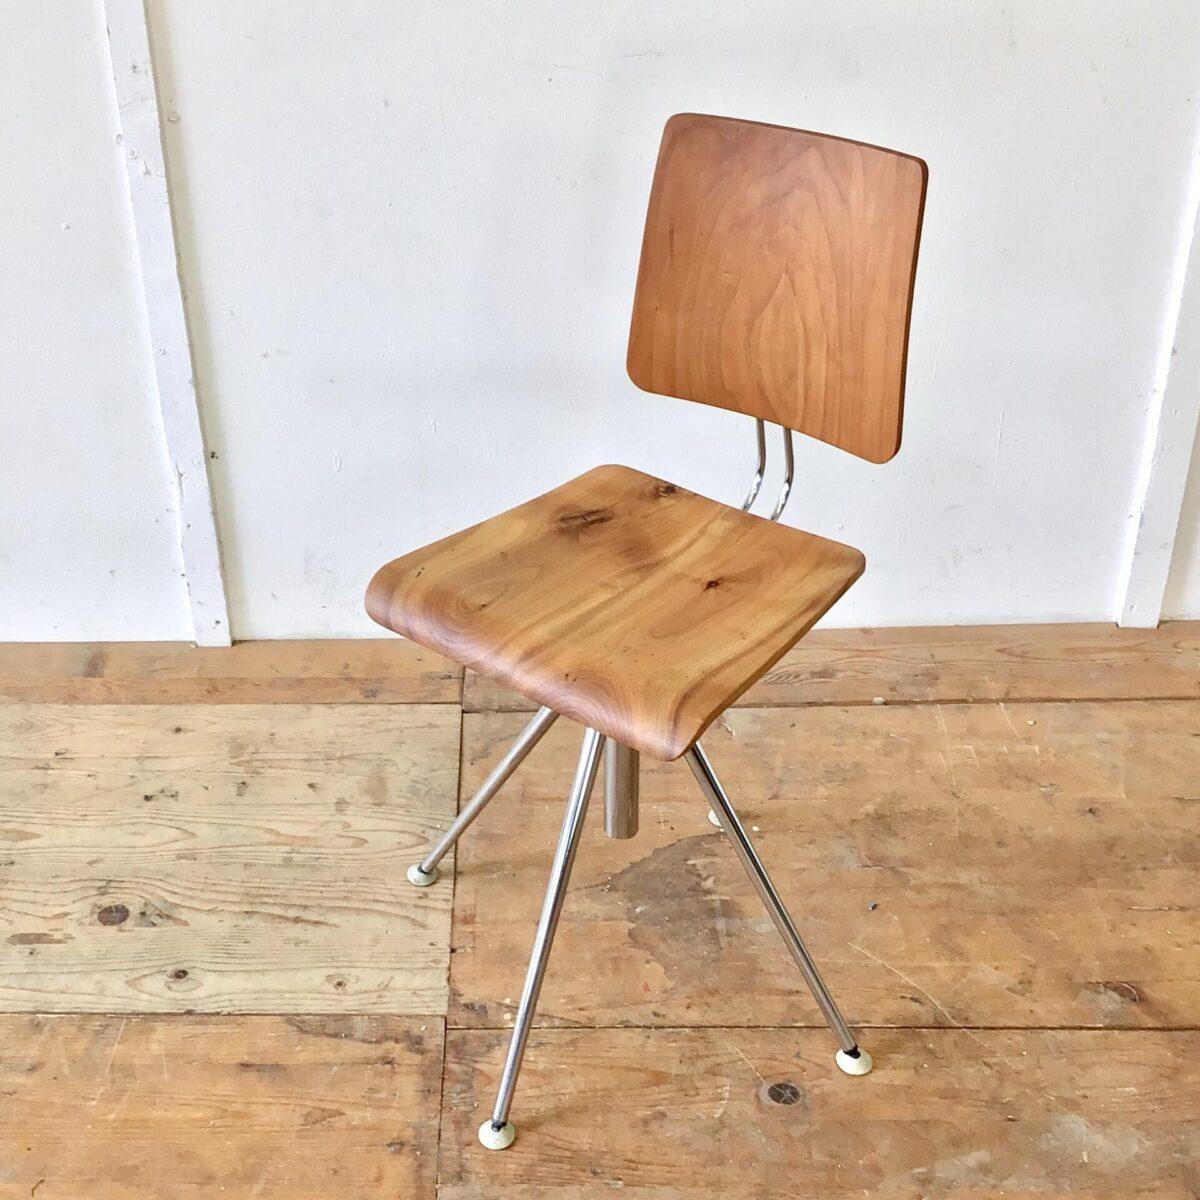 Diesen Bürostuhl aus den 60er/70er Jahren haben wir als Stuhlgestell ohne Rückenlehne und Sitzfläche erworben. Er bekam die nötigen Basics und was ein Stuhl sonst noch braucht von uns - Lehne und Sitz aus Kirschbaum Vollholz geschnitzt. Der Stuhl ist höhenverstellbar von 47-60cm. Die Rückenlehne lässt sich in der Höhe etwas anpassen, der Verstellmechanismus ist aus Eisen gefräst und in die nötige Form geschliffen. Eine Hartkunststoffkugel als Verstellschraube gibt dem Stuhl eine gewisse Verspieltheit.